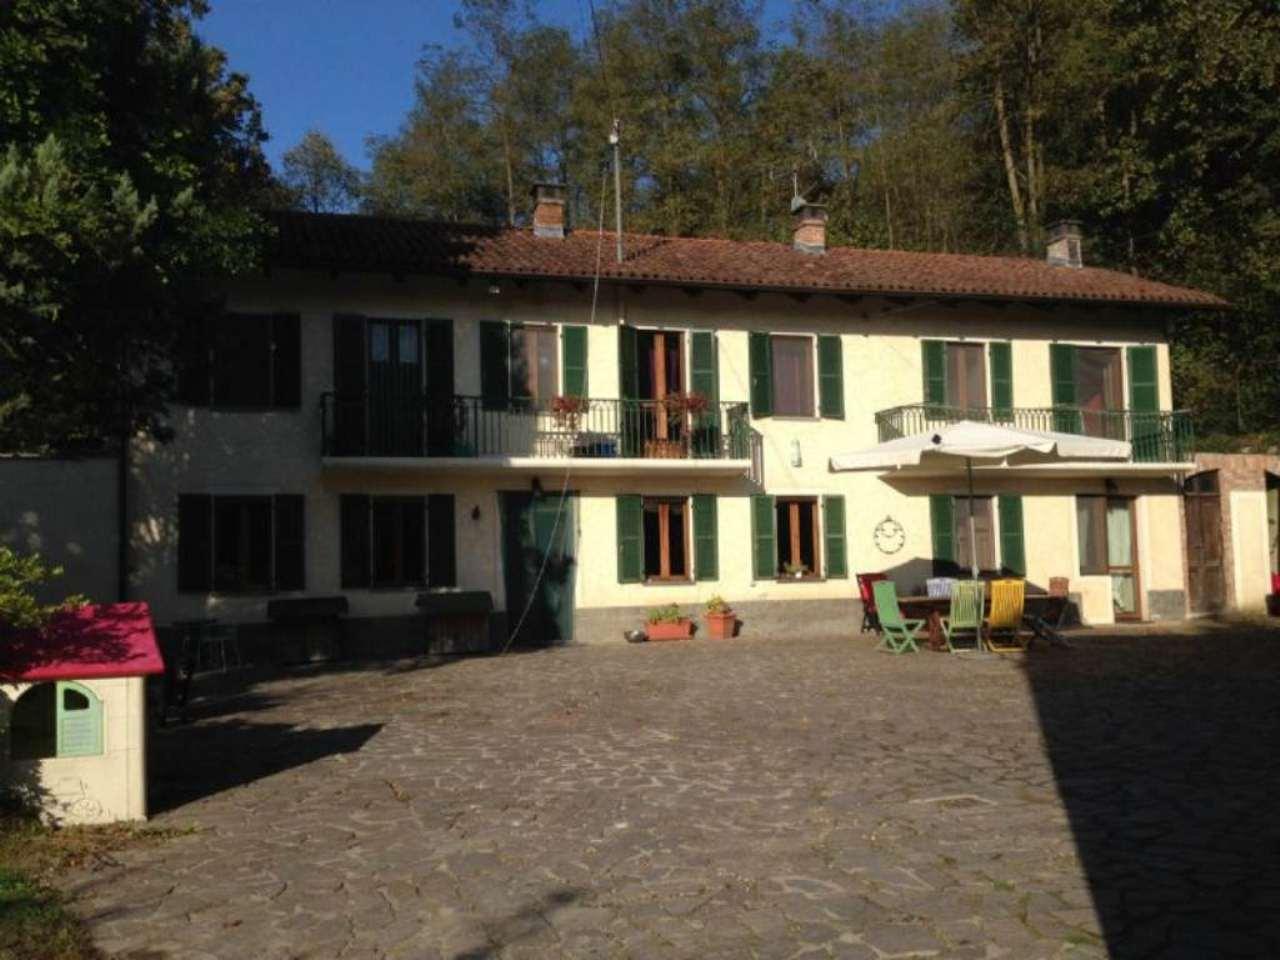 Rustico / Casale in vendita a Roatto, 9999 locali, prezzo € 430.000 | Cambio Casa.it